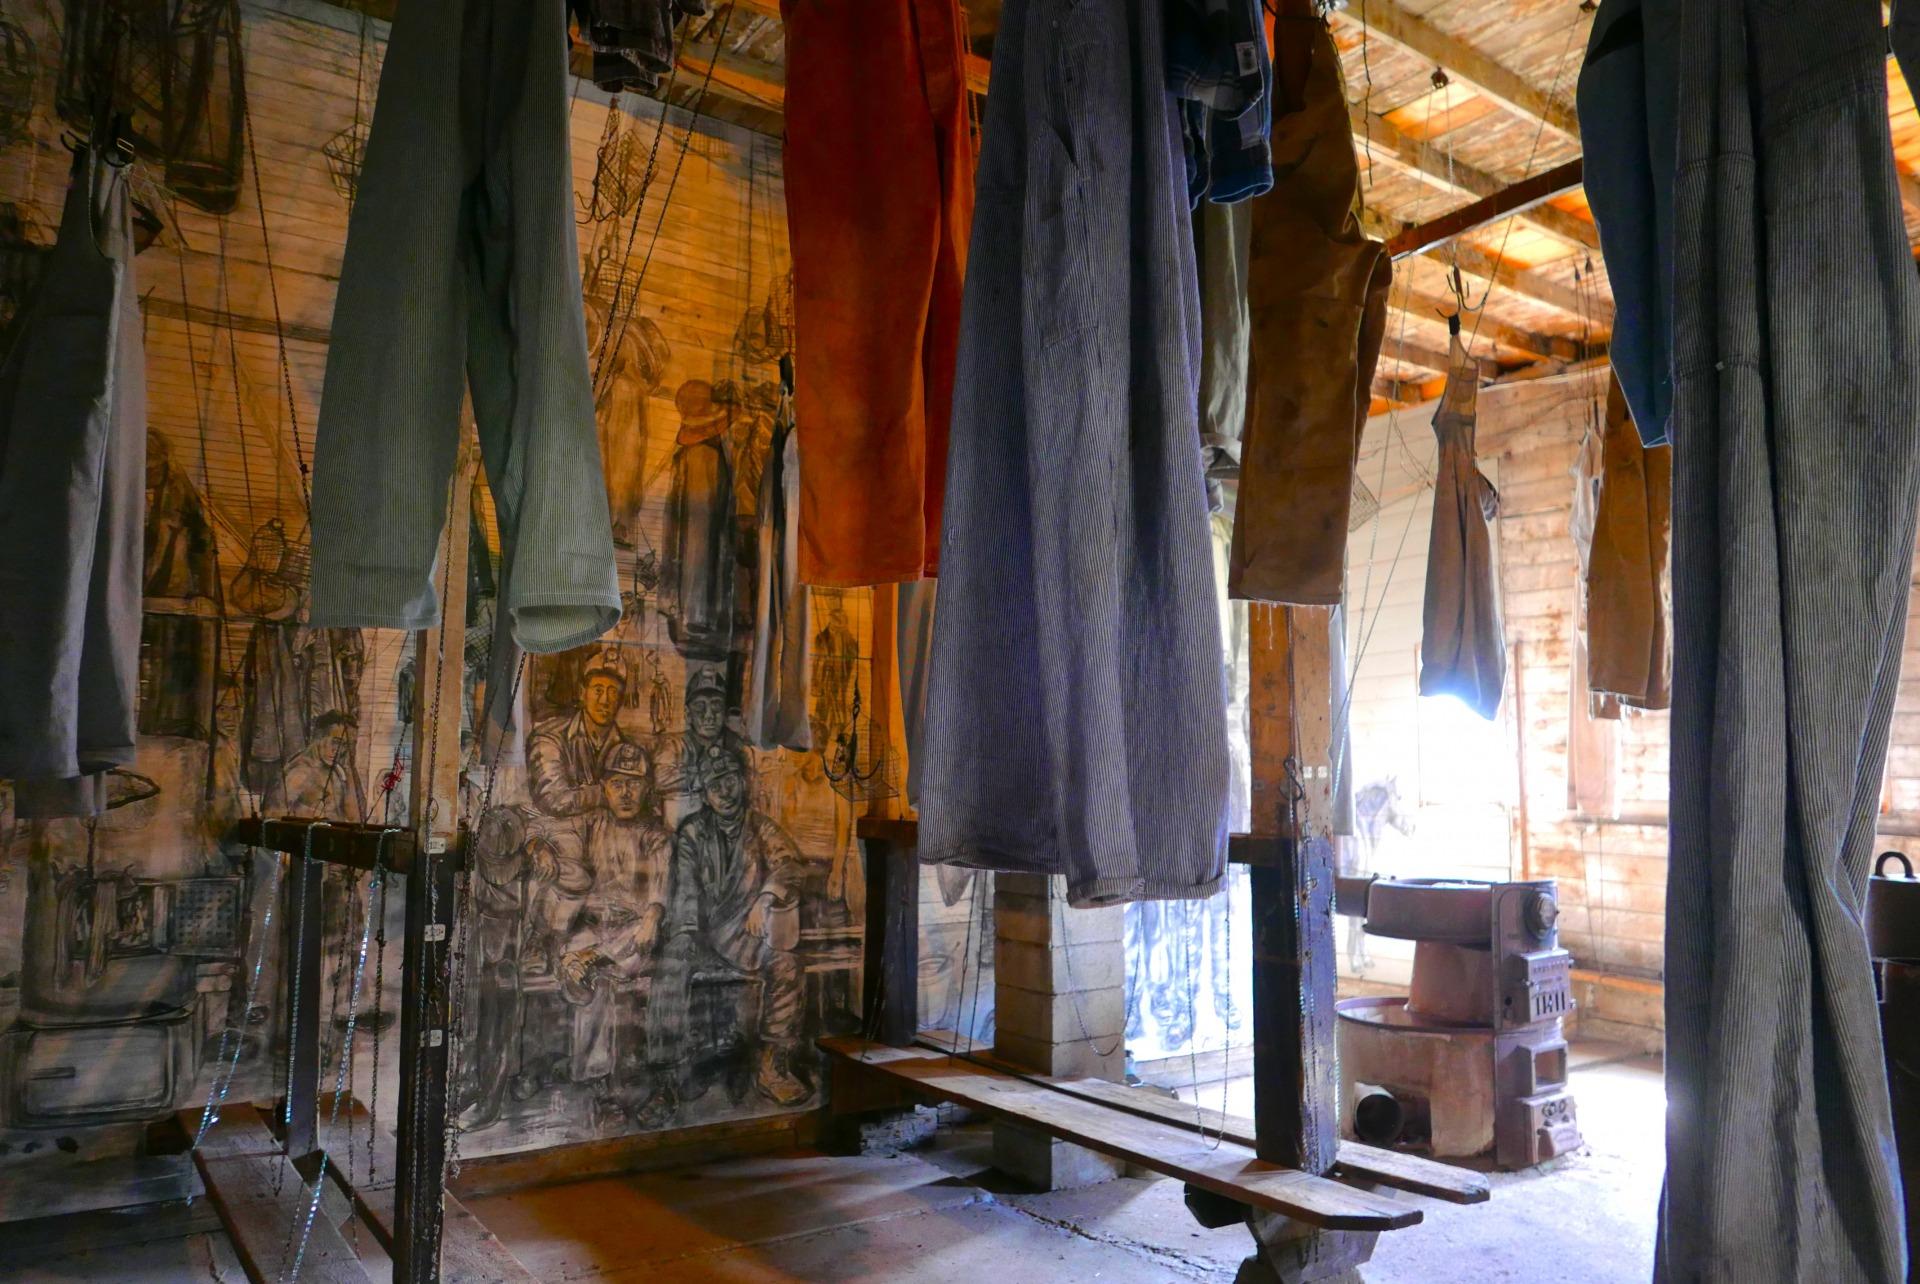 Vestiário dos mineiros mantem roupas originais dos trabalhadores da época (Claudia Tonaco)